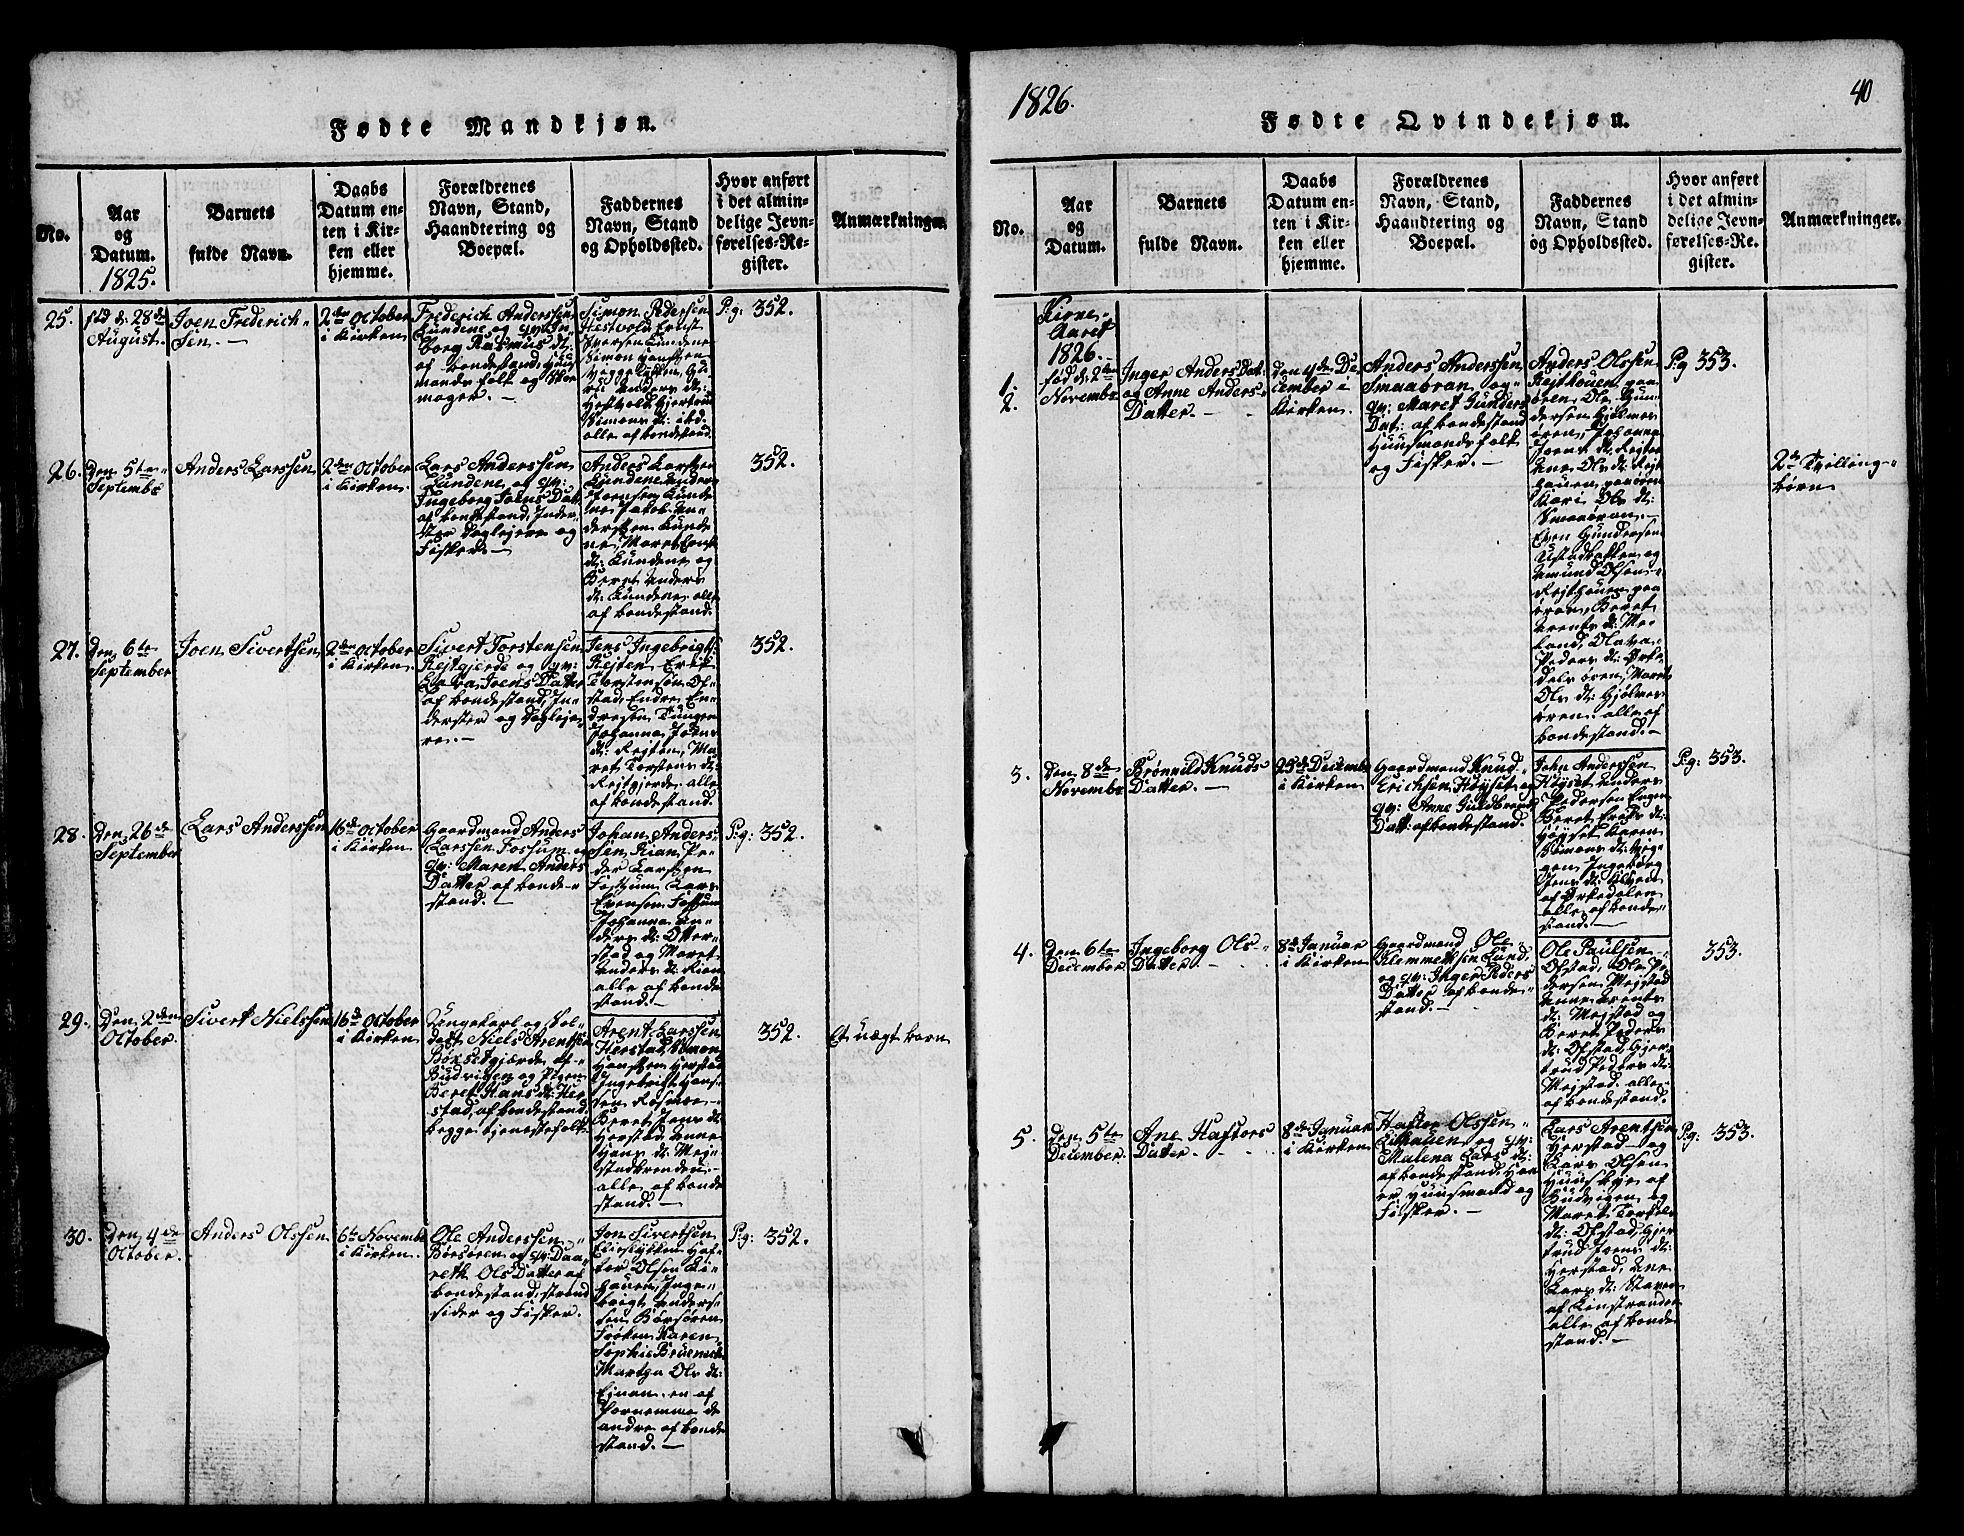 SAT, Ministerialprotokoller, klokkerbøker og fødselsregistre - Sør-Trøndelag, 665/L0776: Klokkerbok nr. 665C01, 1817-1837, s. 40